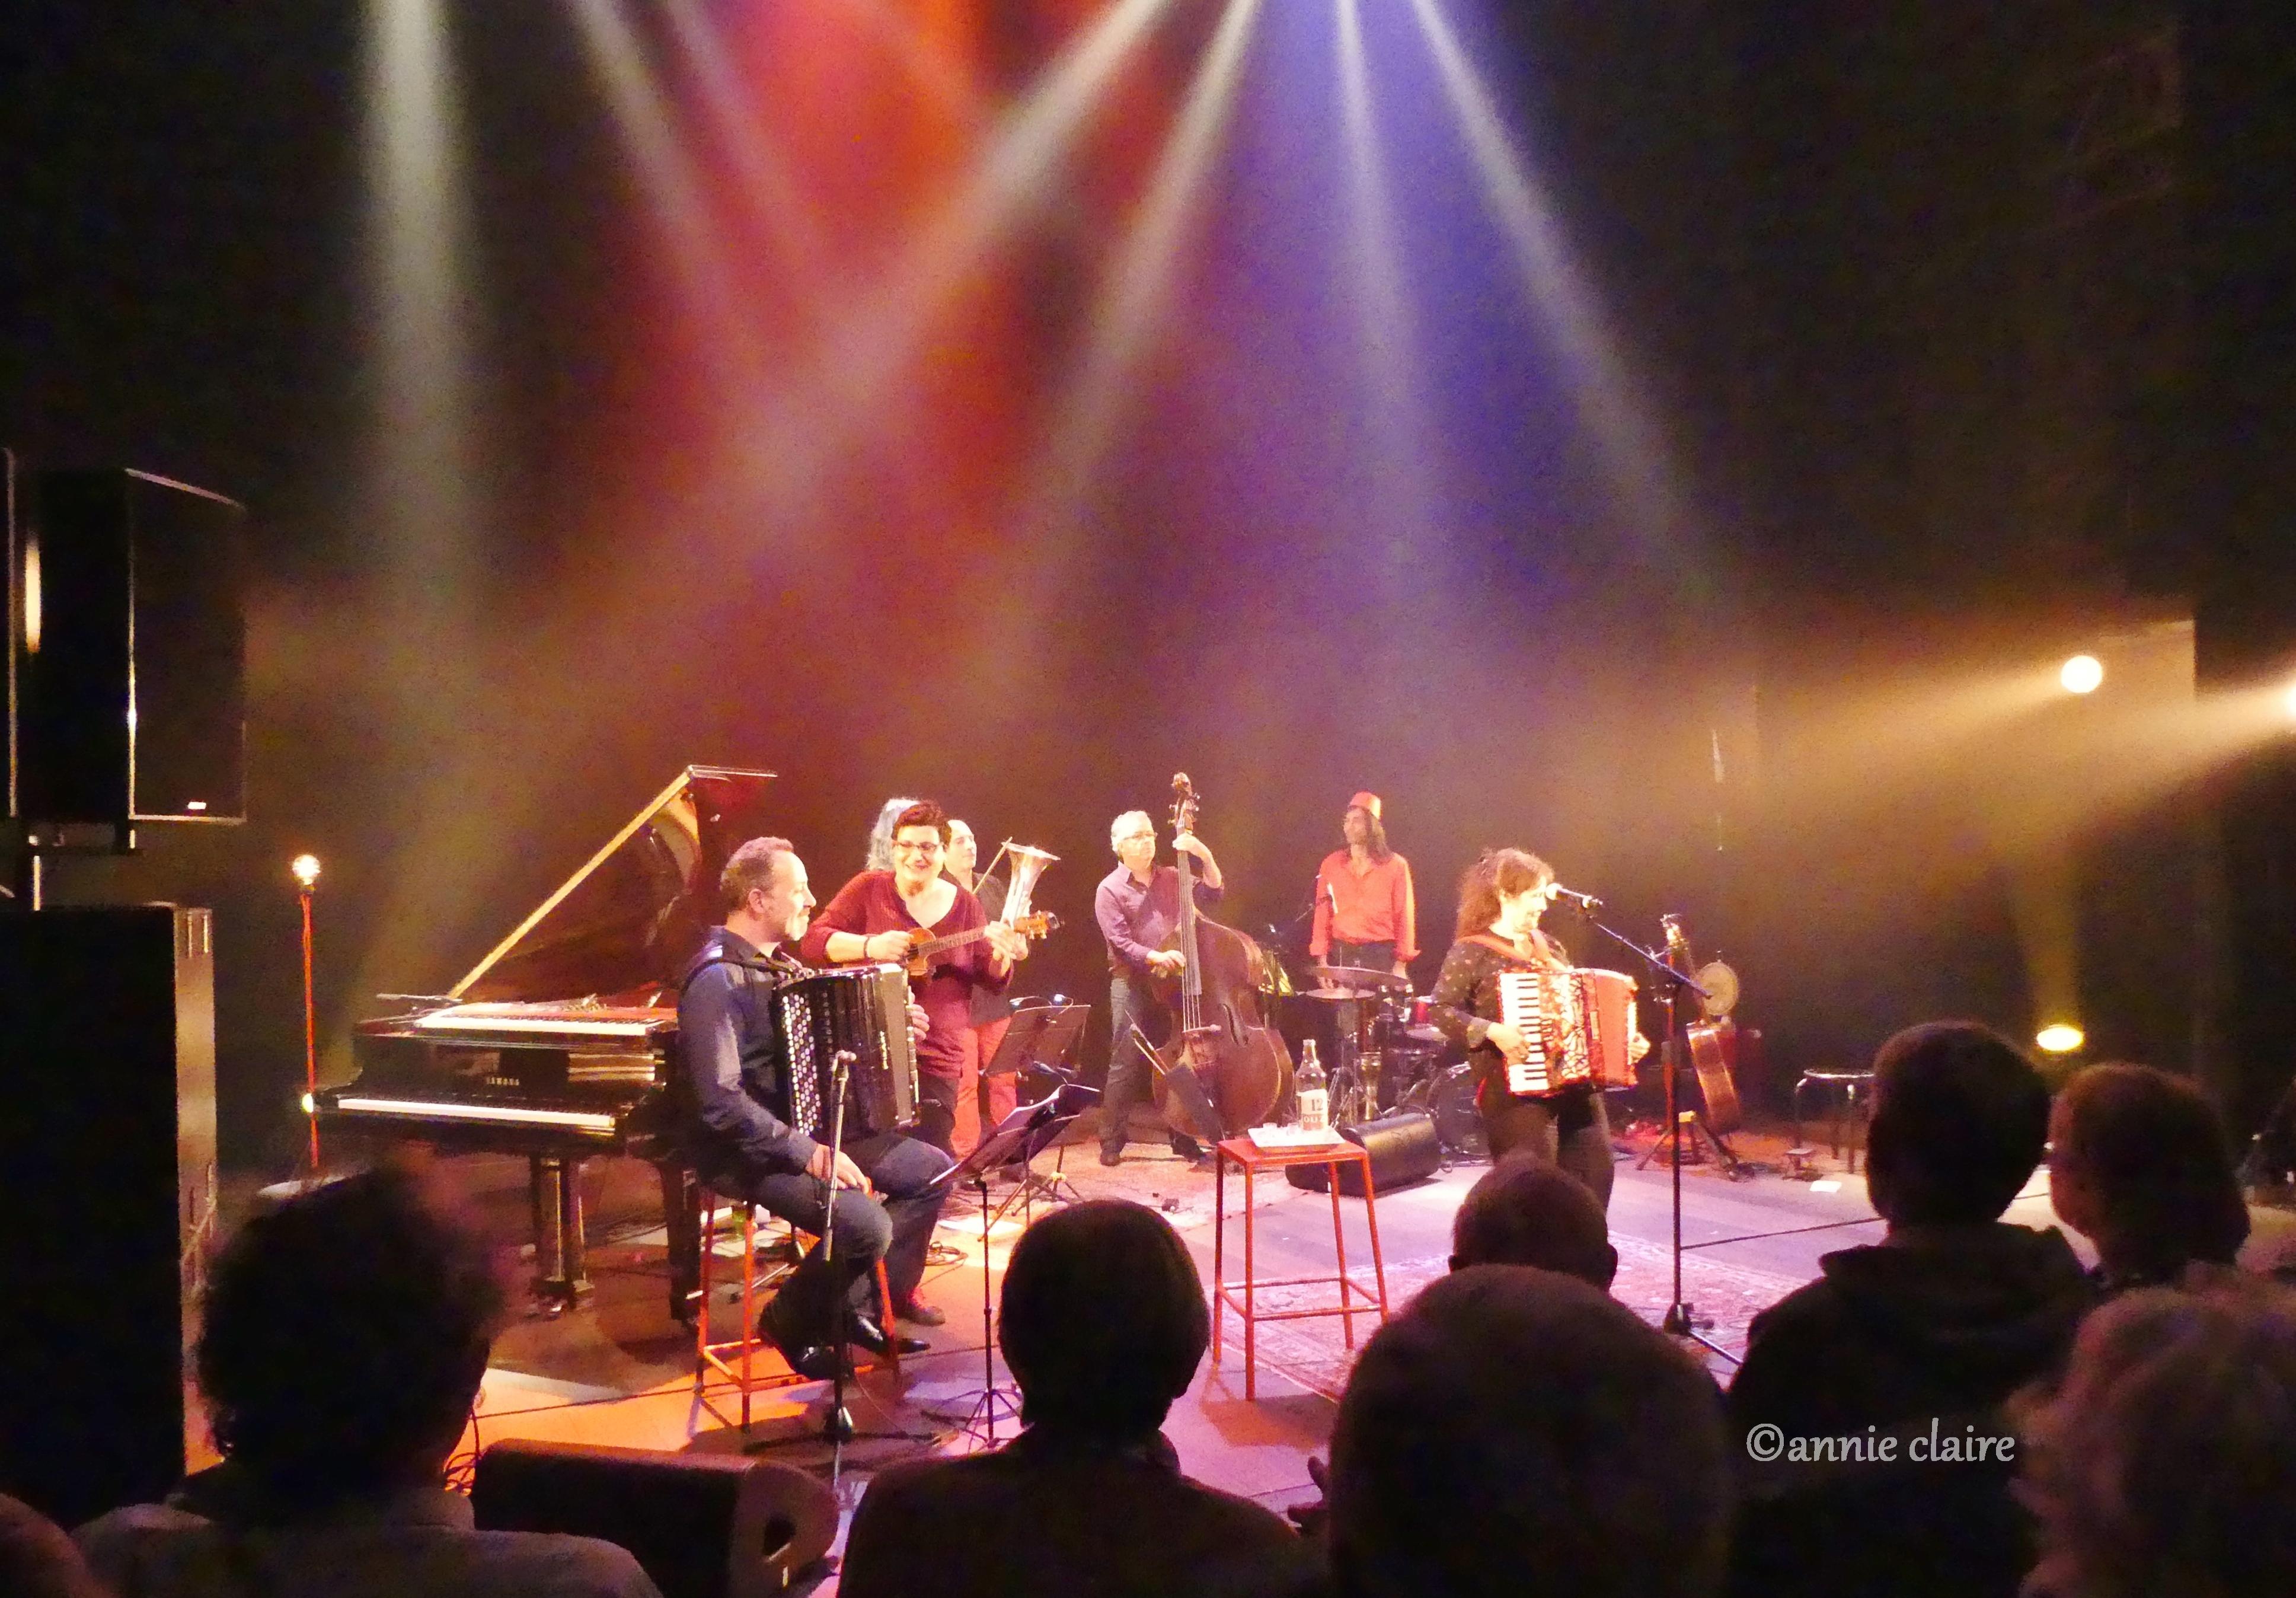 Michèle bernard fête sa sortie d'album au Café de la Danse ©annie claire 16.10.2016